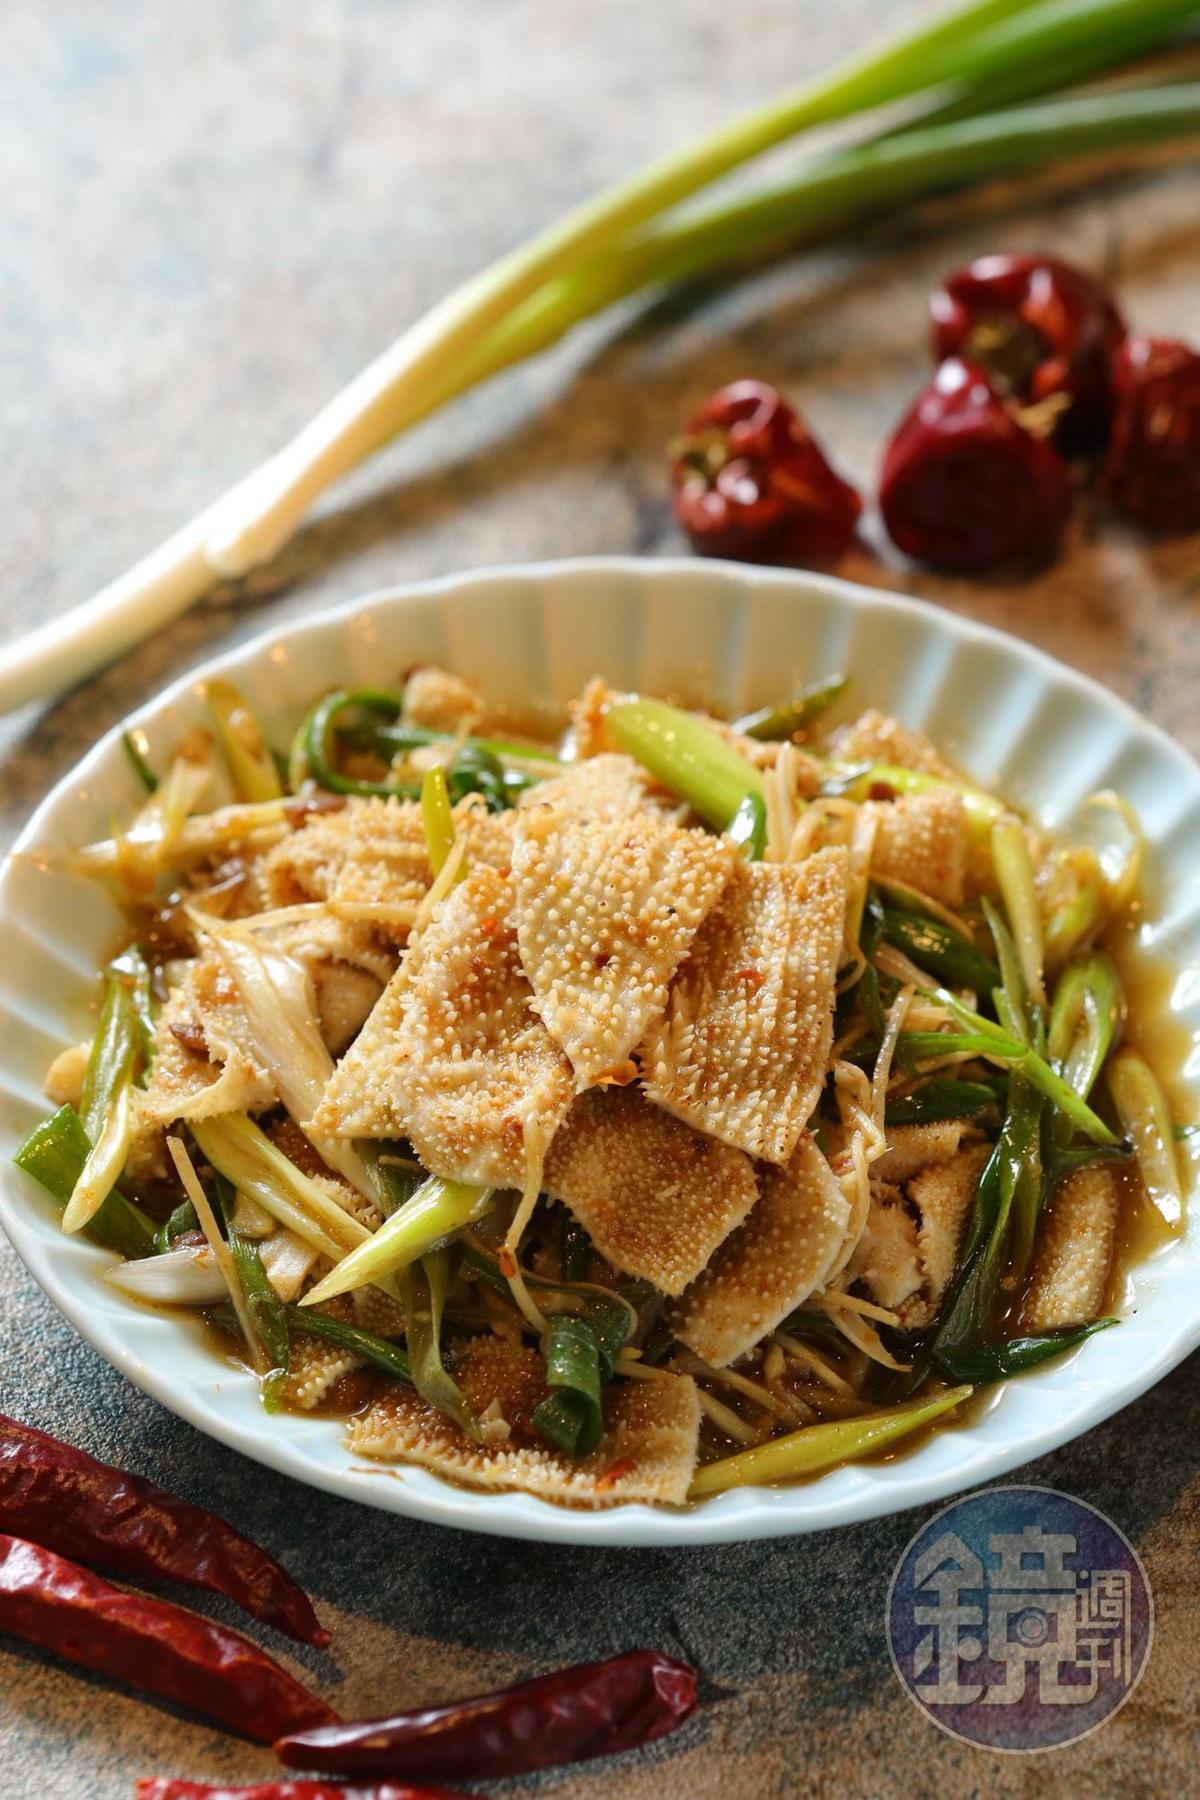 「百葉肚」以蔥油炒製,搭配醬汁脆甜爽口。(220元/份)